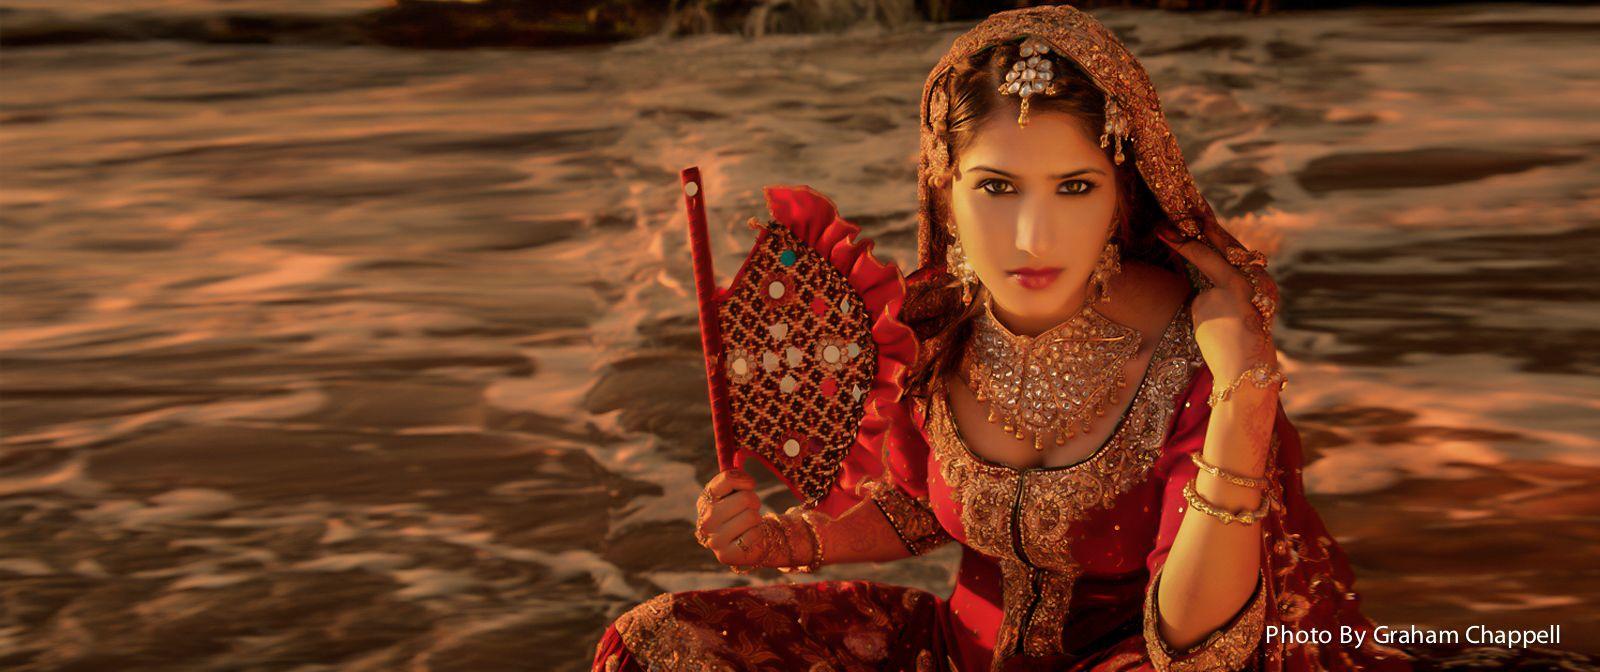 Indian wedding photography in hawaii dianweddingshawaii